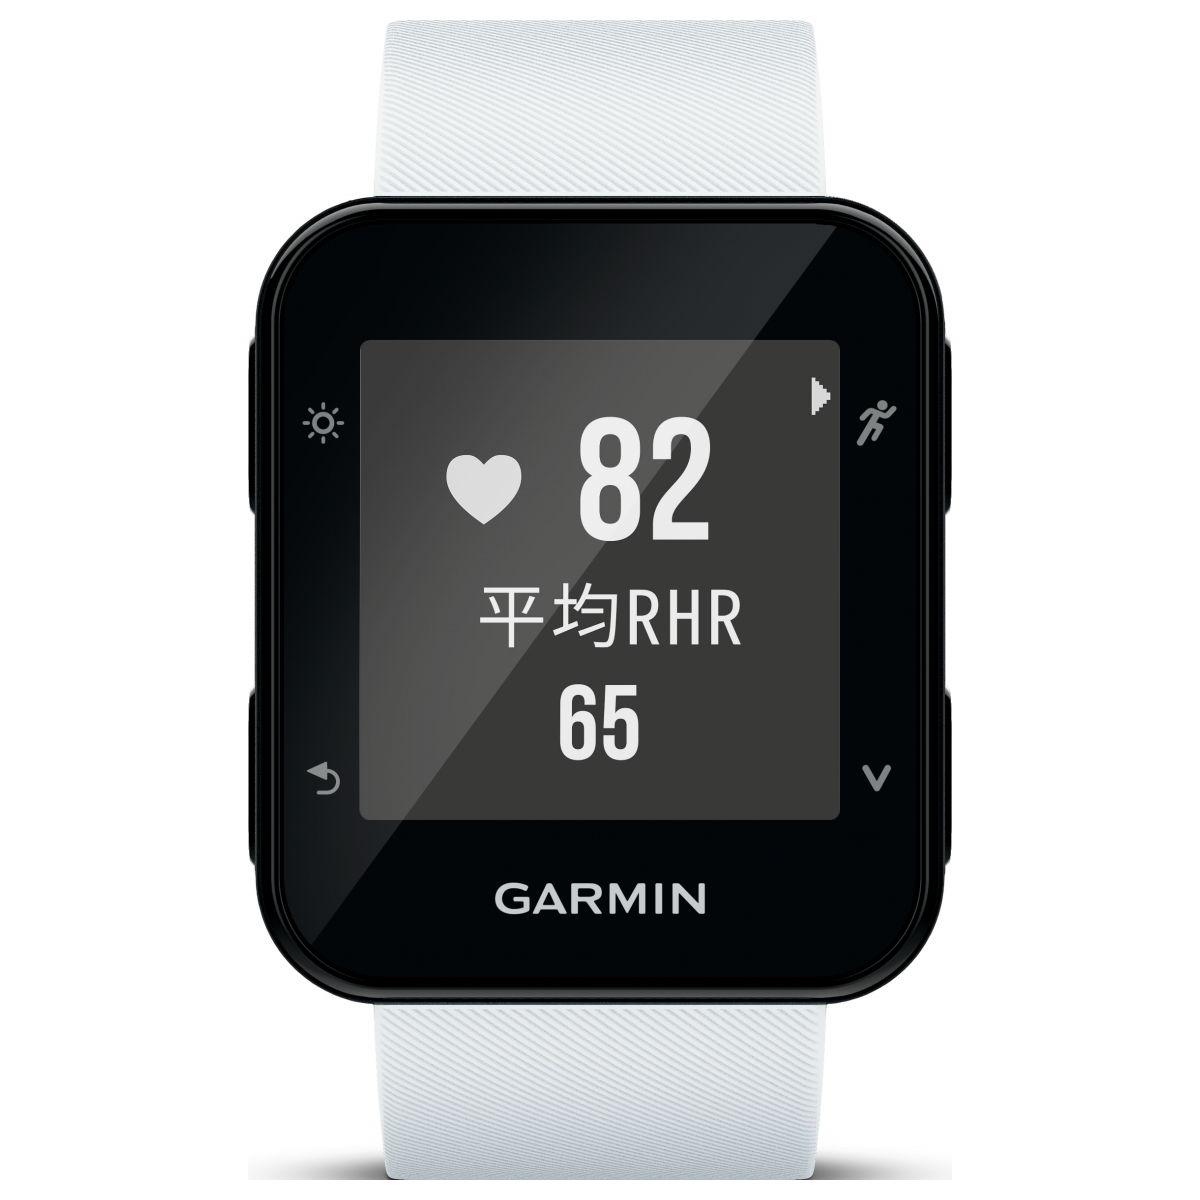 ガーミン GARMIN フォーアスリート35J ForeAthlete35J White スマートウォッチ ウェアラブル端末 腕時計 メンズ レディース 010-01689-41